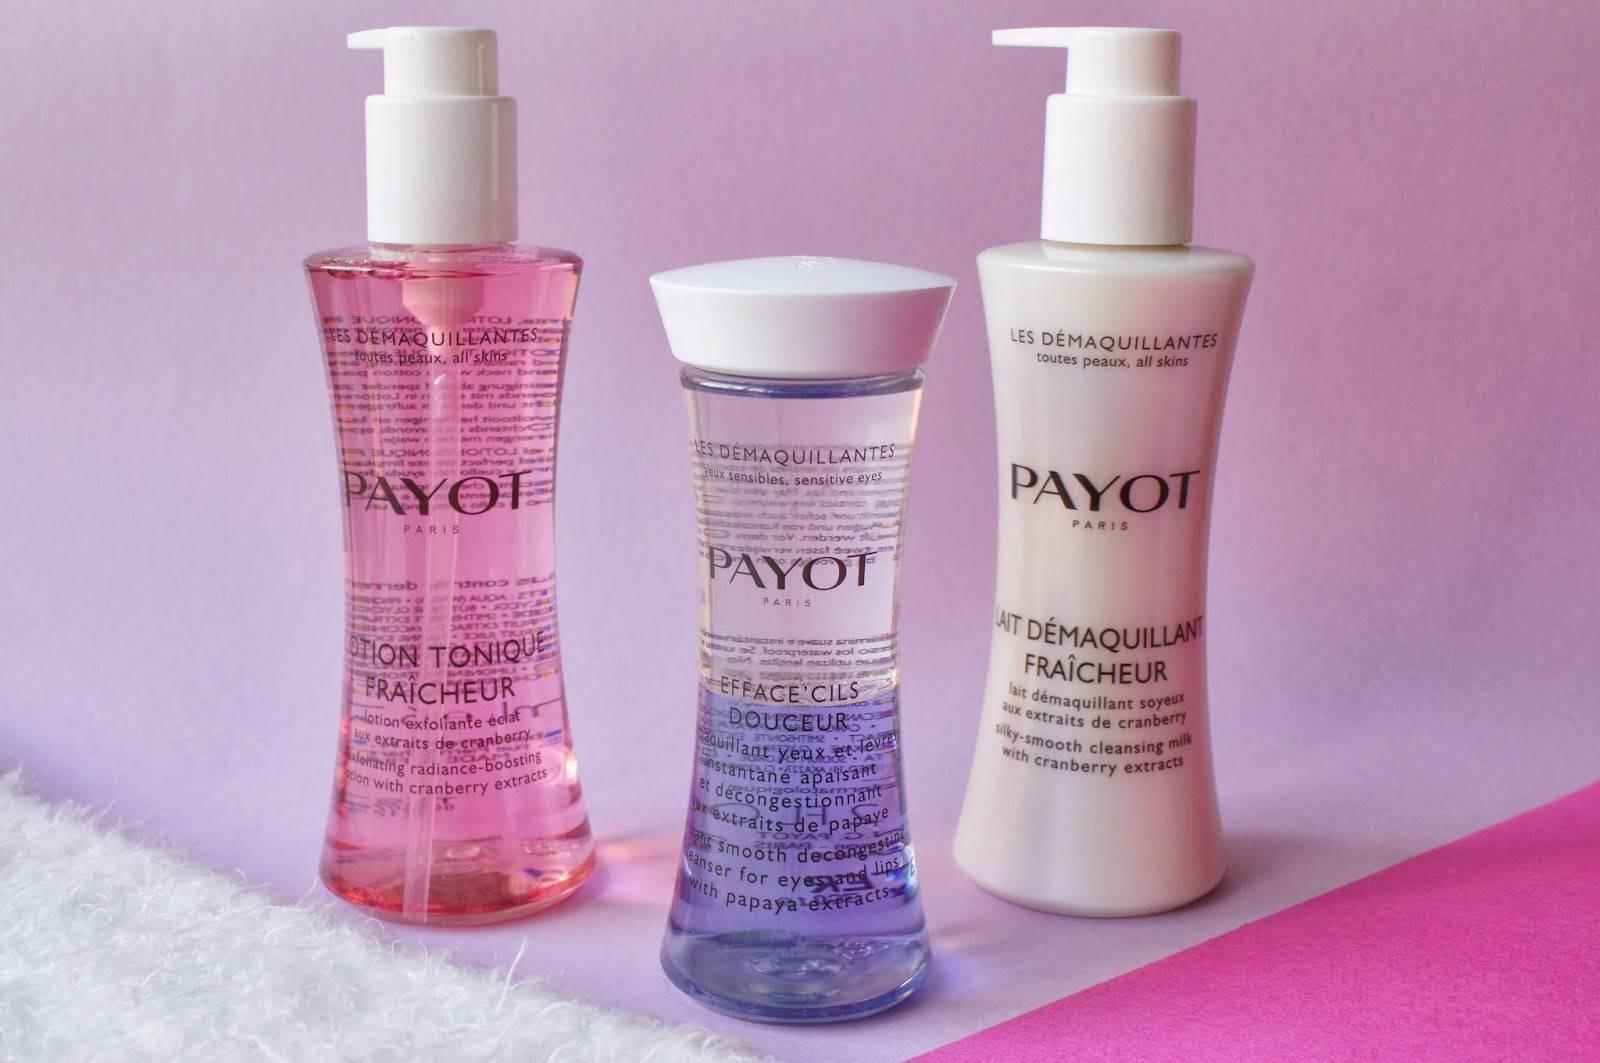 payot_les_démaquillantes_review (6)